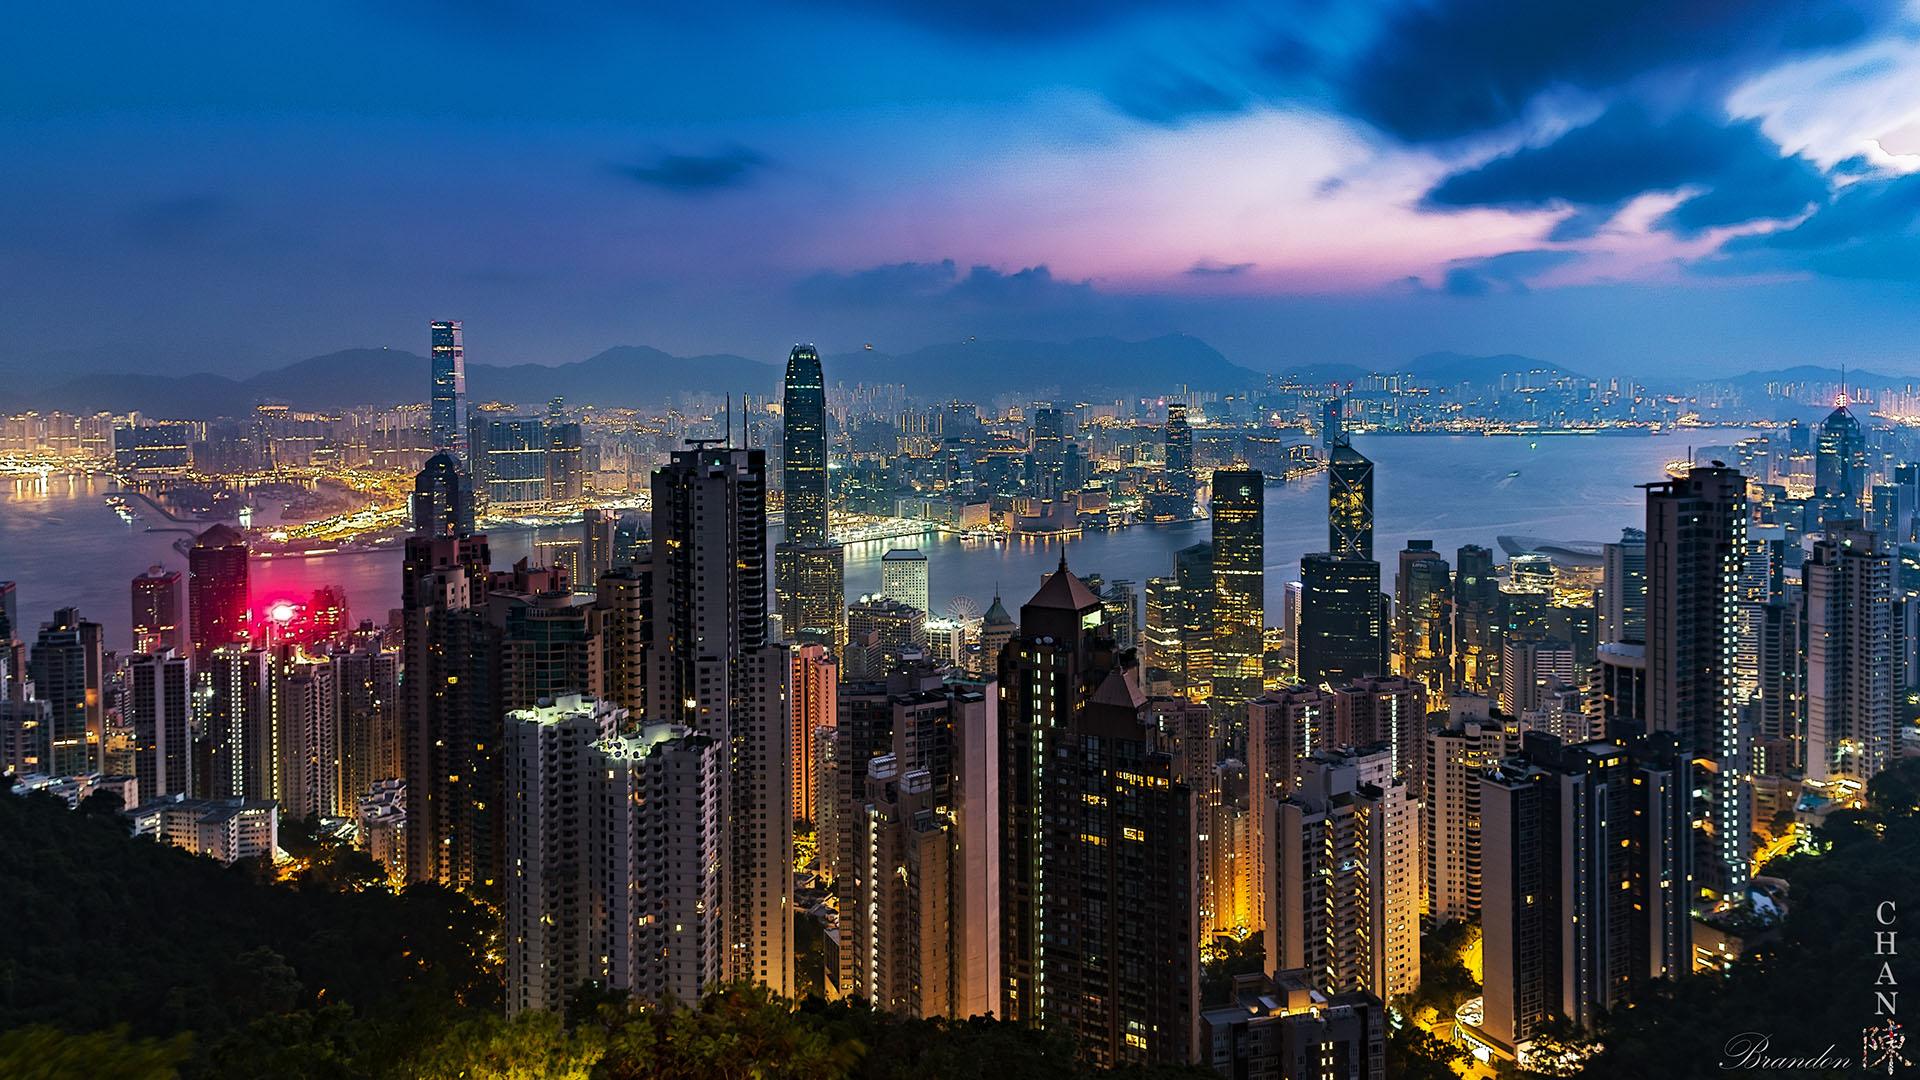 The Victoria Peak - Hong Kong Island - Night, Hong Kong